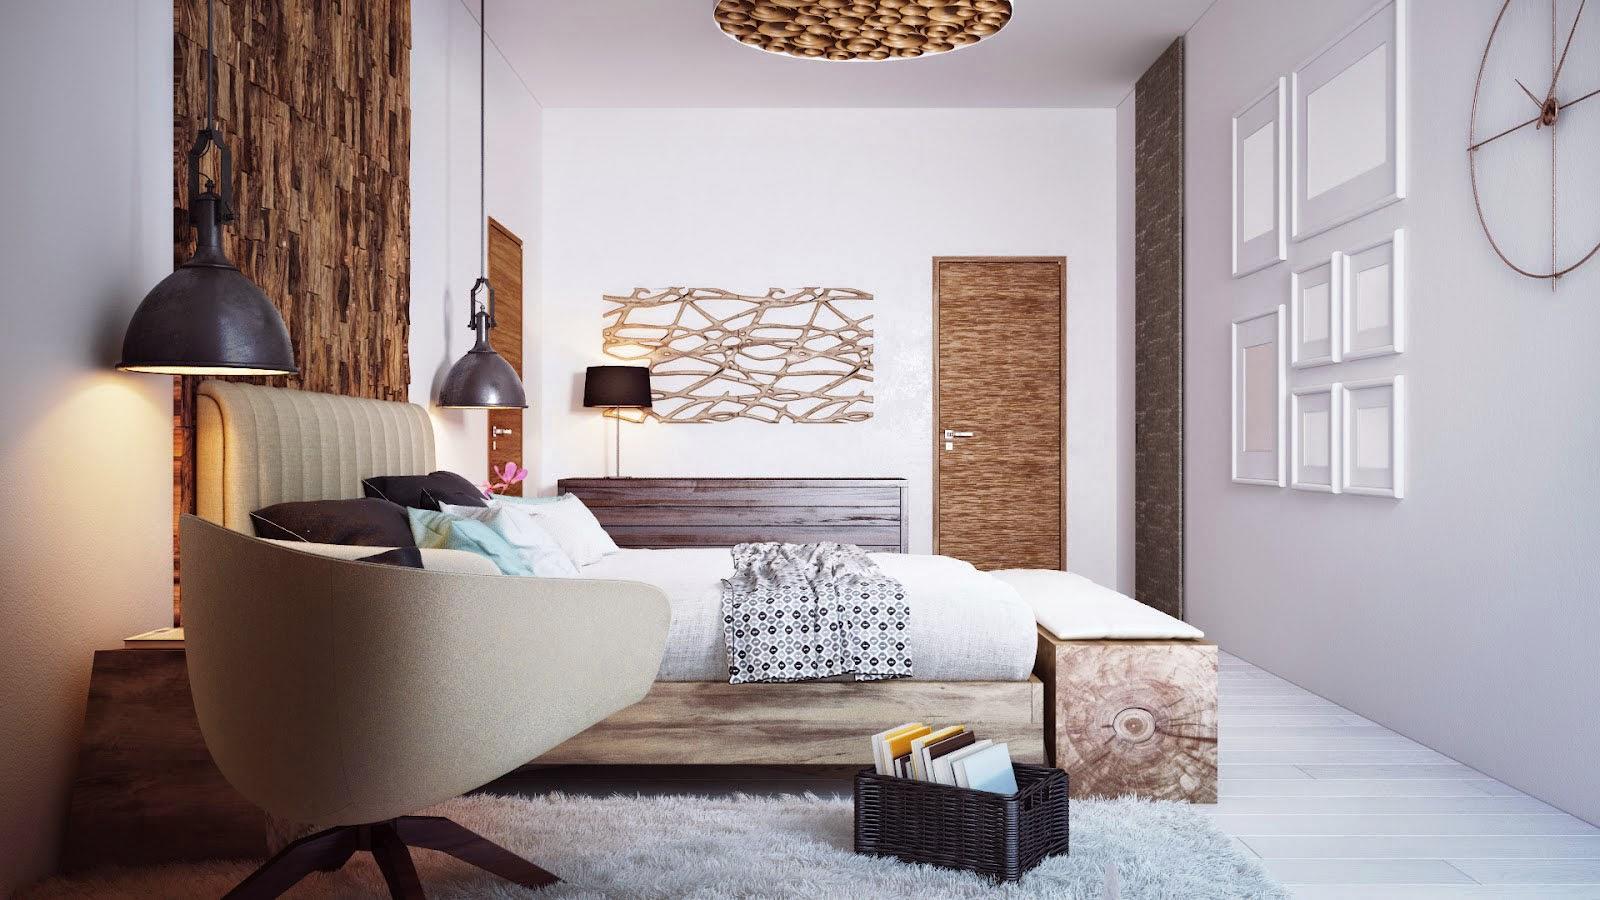 Furniture-Minimalist-Bedroom-The-House-Minimalist